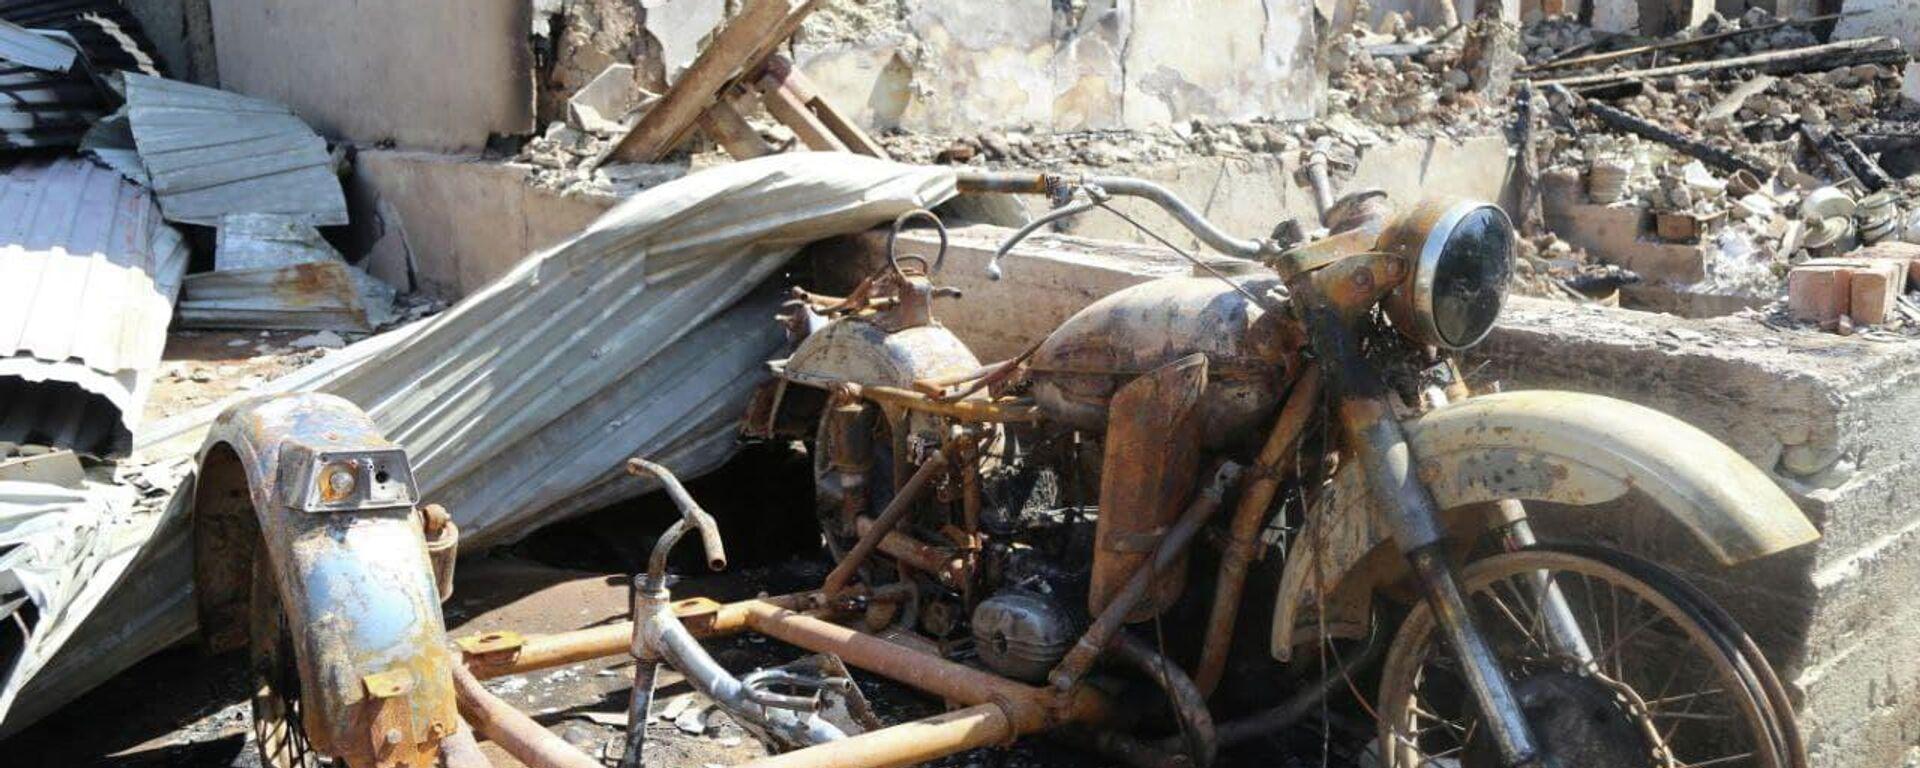 Разрушенные дома в селах Ходжаи Аъло и Сомониён джамоата Чоркух города Исфара  - Sputnik Таджикистан, 1920, 02.06.2021